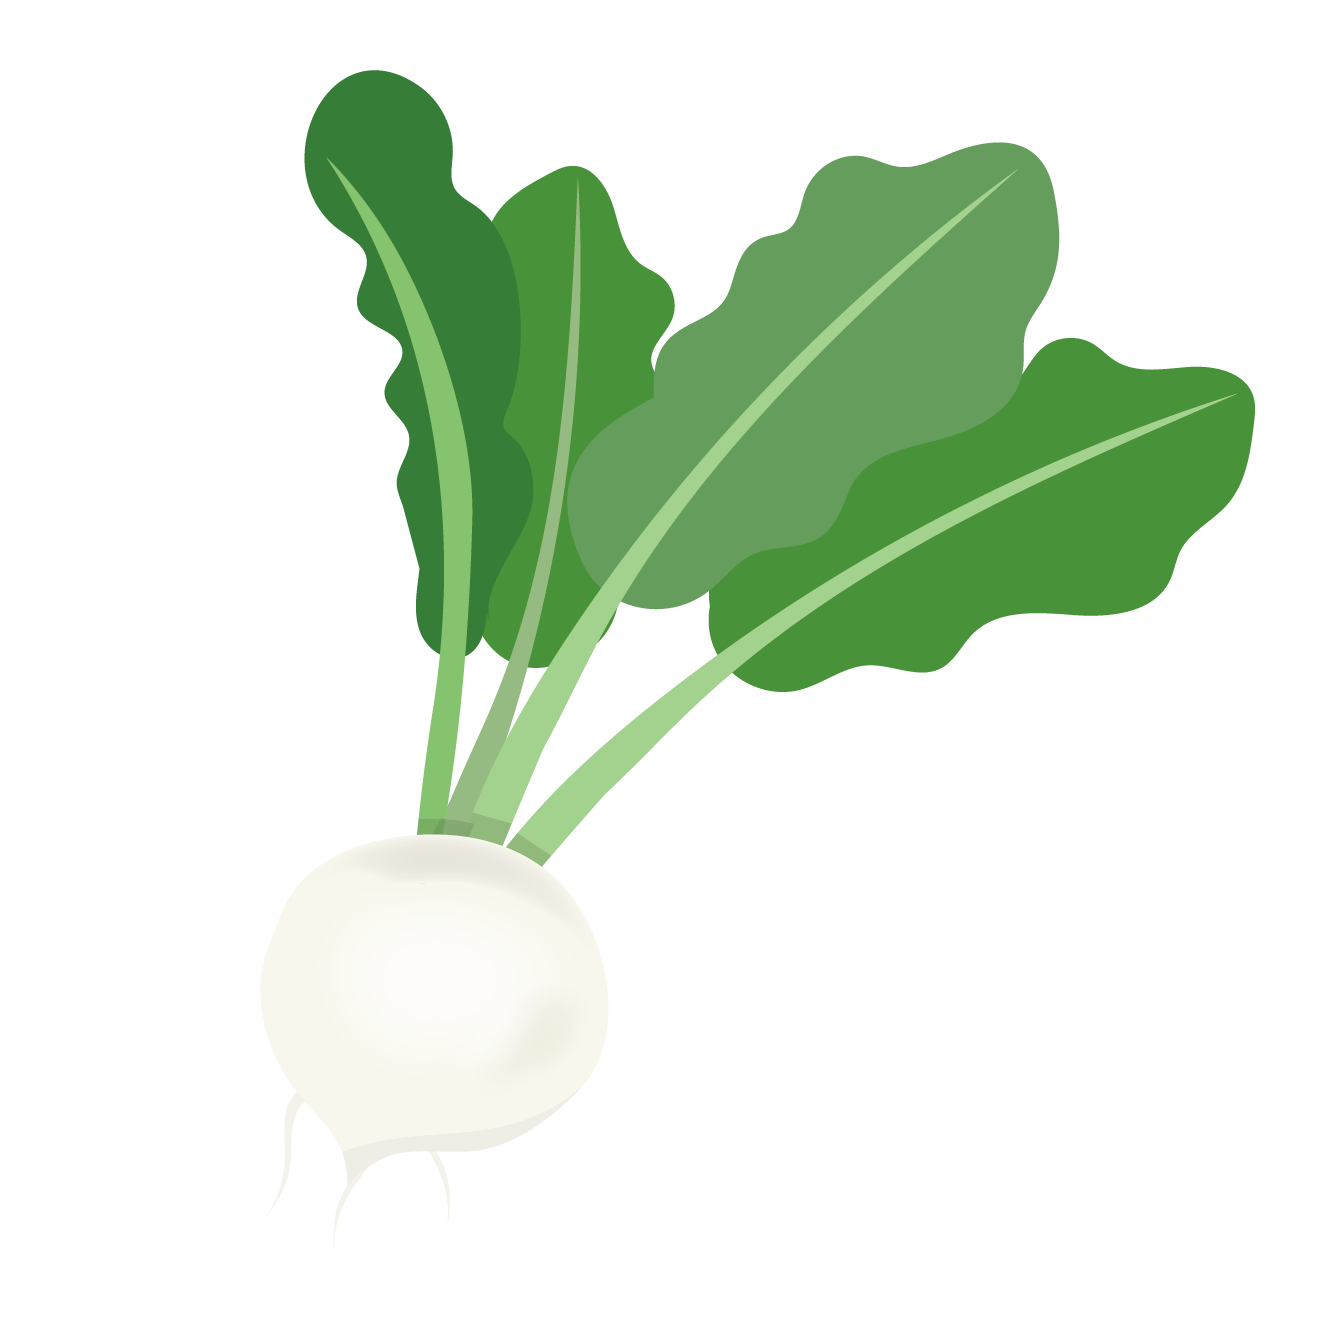 カブ(蕪・かぶ)のイラスト【野菜】 | 商用フリー(無料)のイラスト